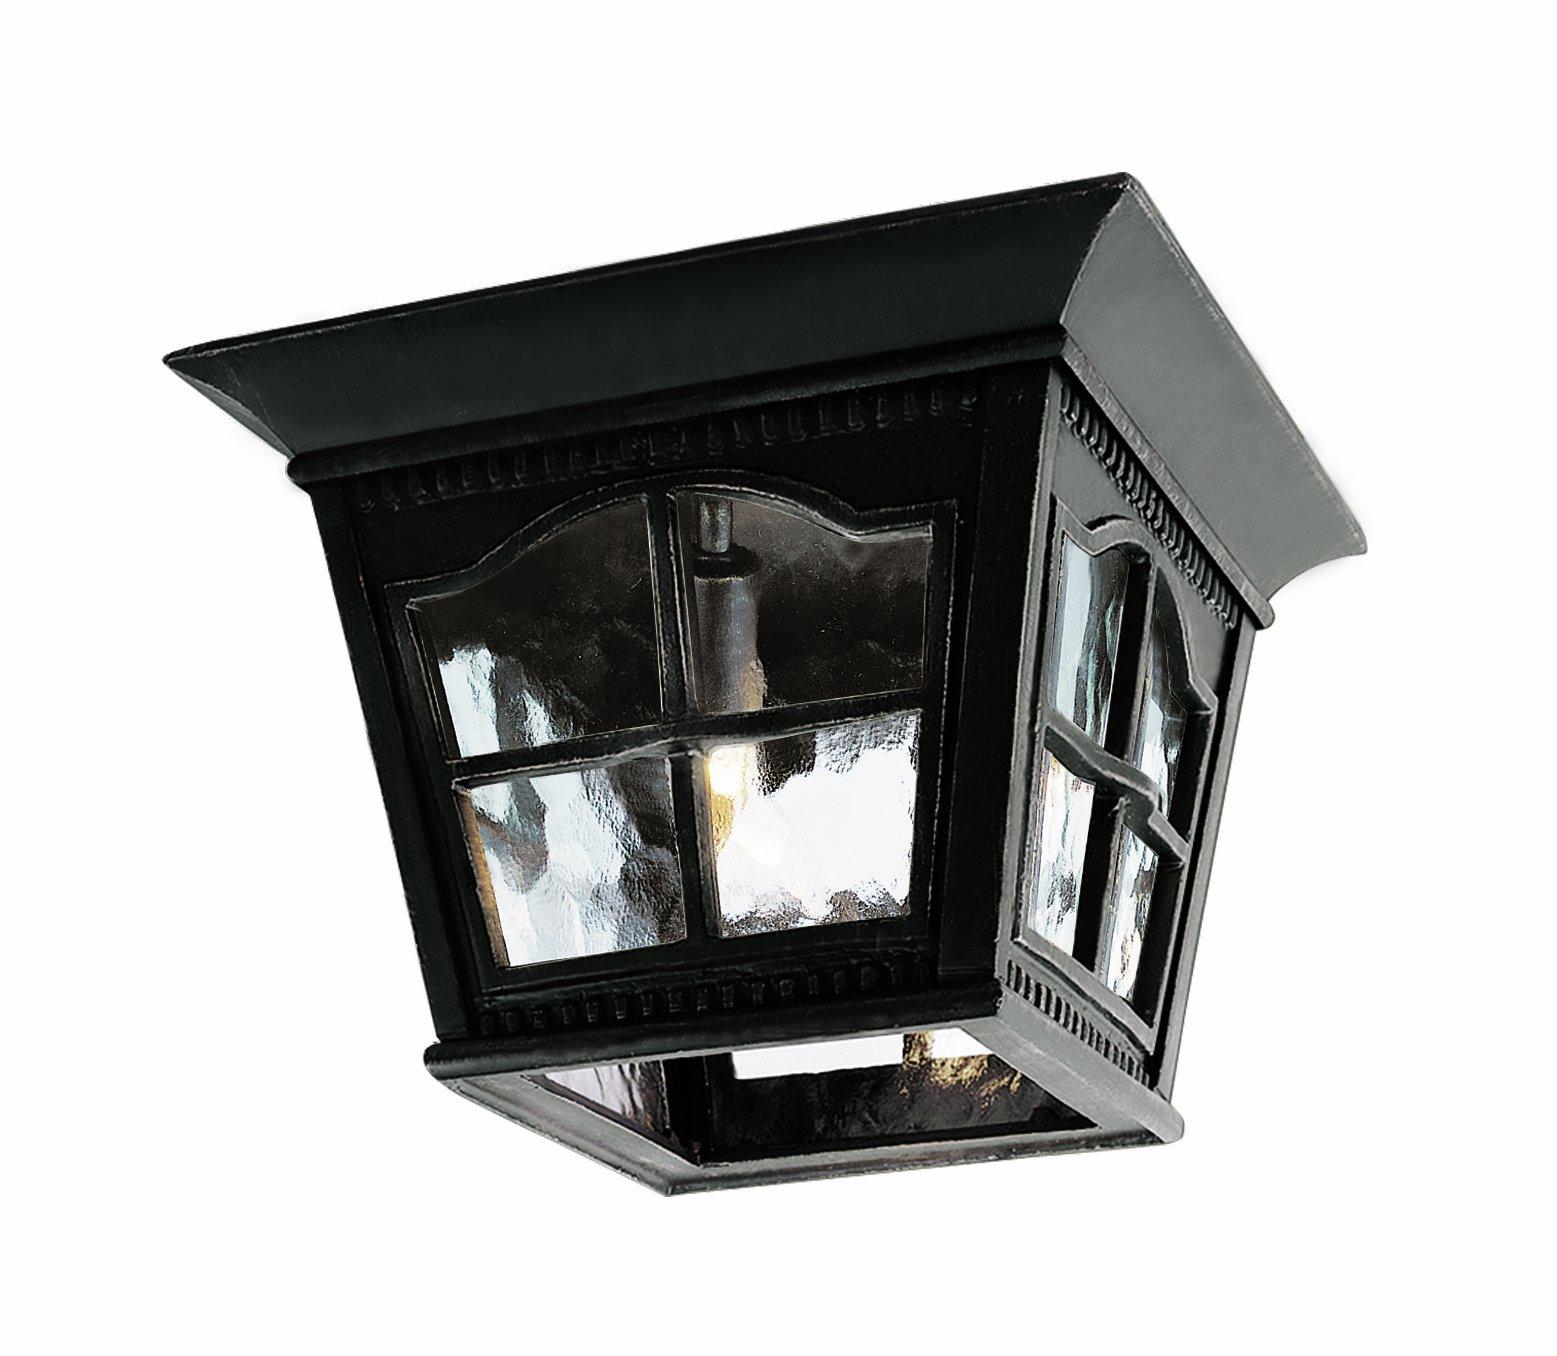 Trans Globe Lighting 5427 BK Outdoor Briarwood 8'' Flushmount Lantern, Black